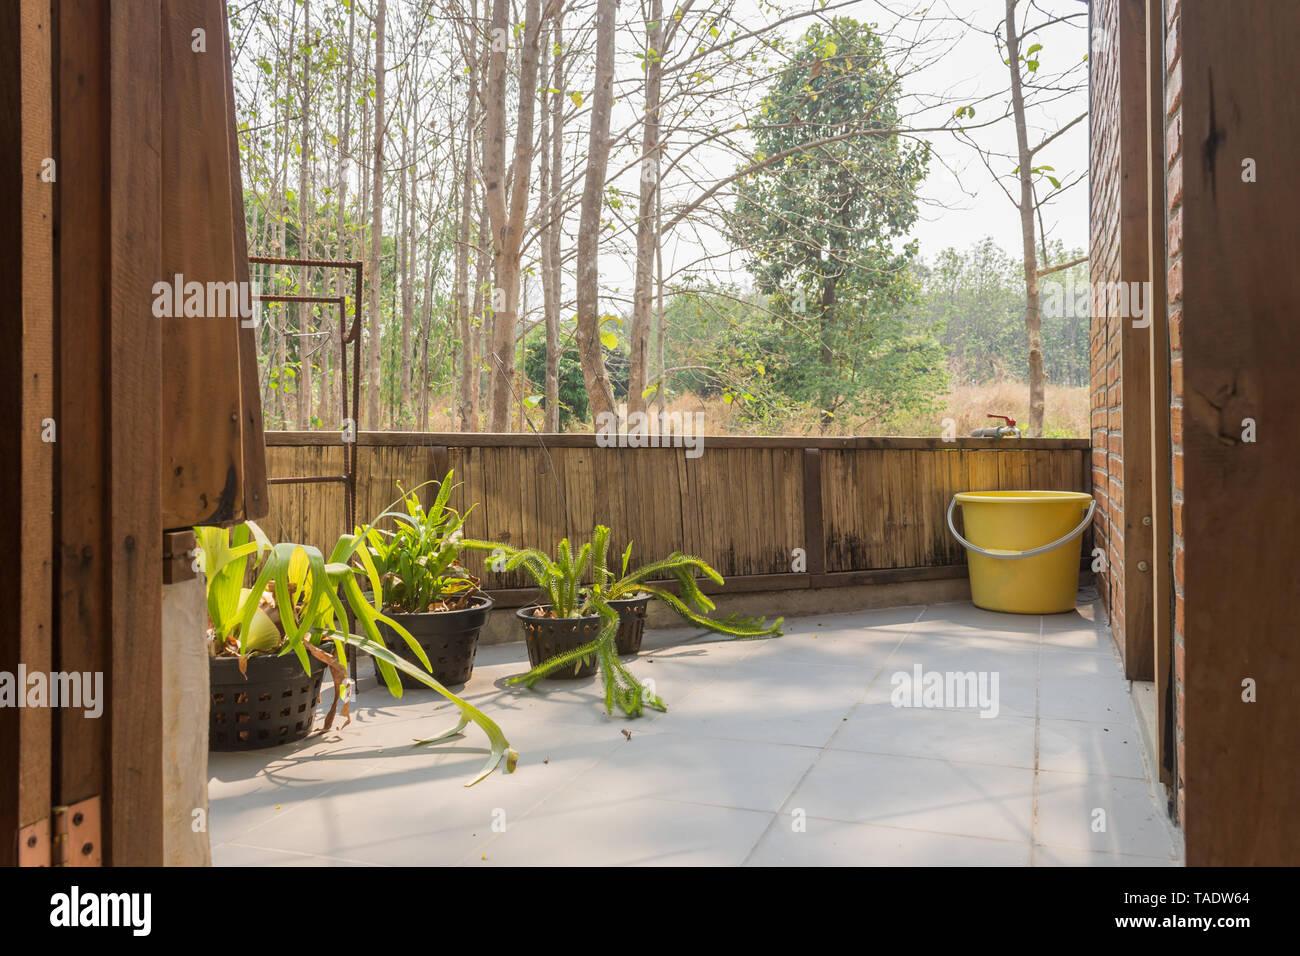 Terraza De Diseño Interior Habitación Con Vistas Al Bosque